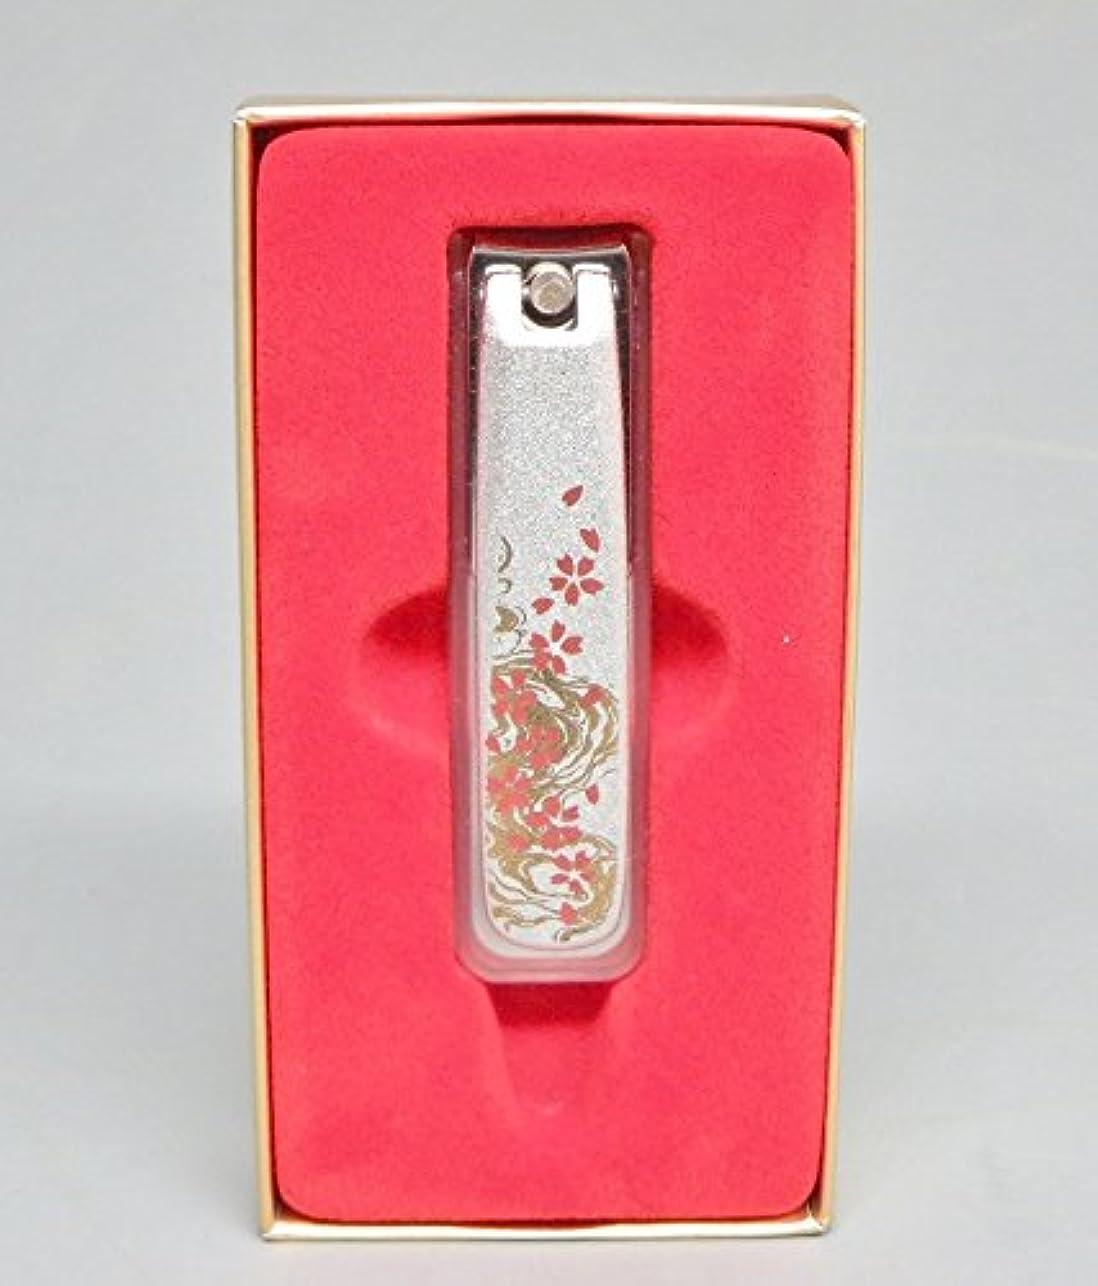 目的キャプチャー透けて見える高級 加賀蒔絵 爪きり  日本製 岐阜県関産 銀 桜流水